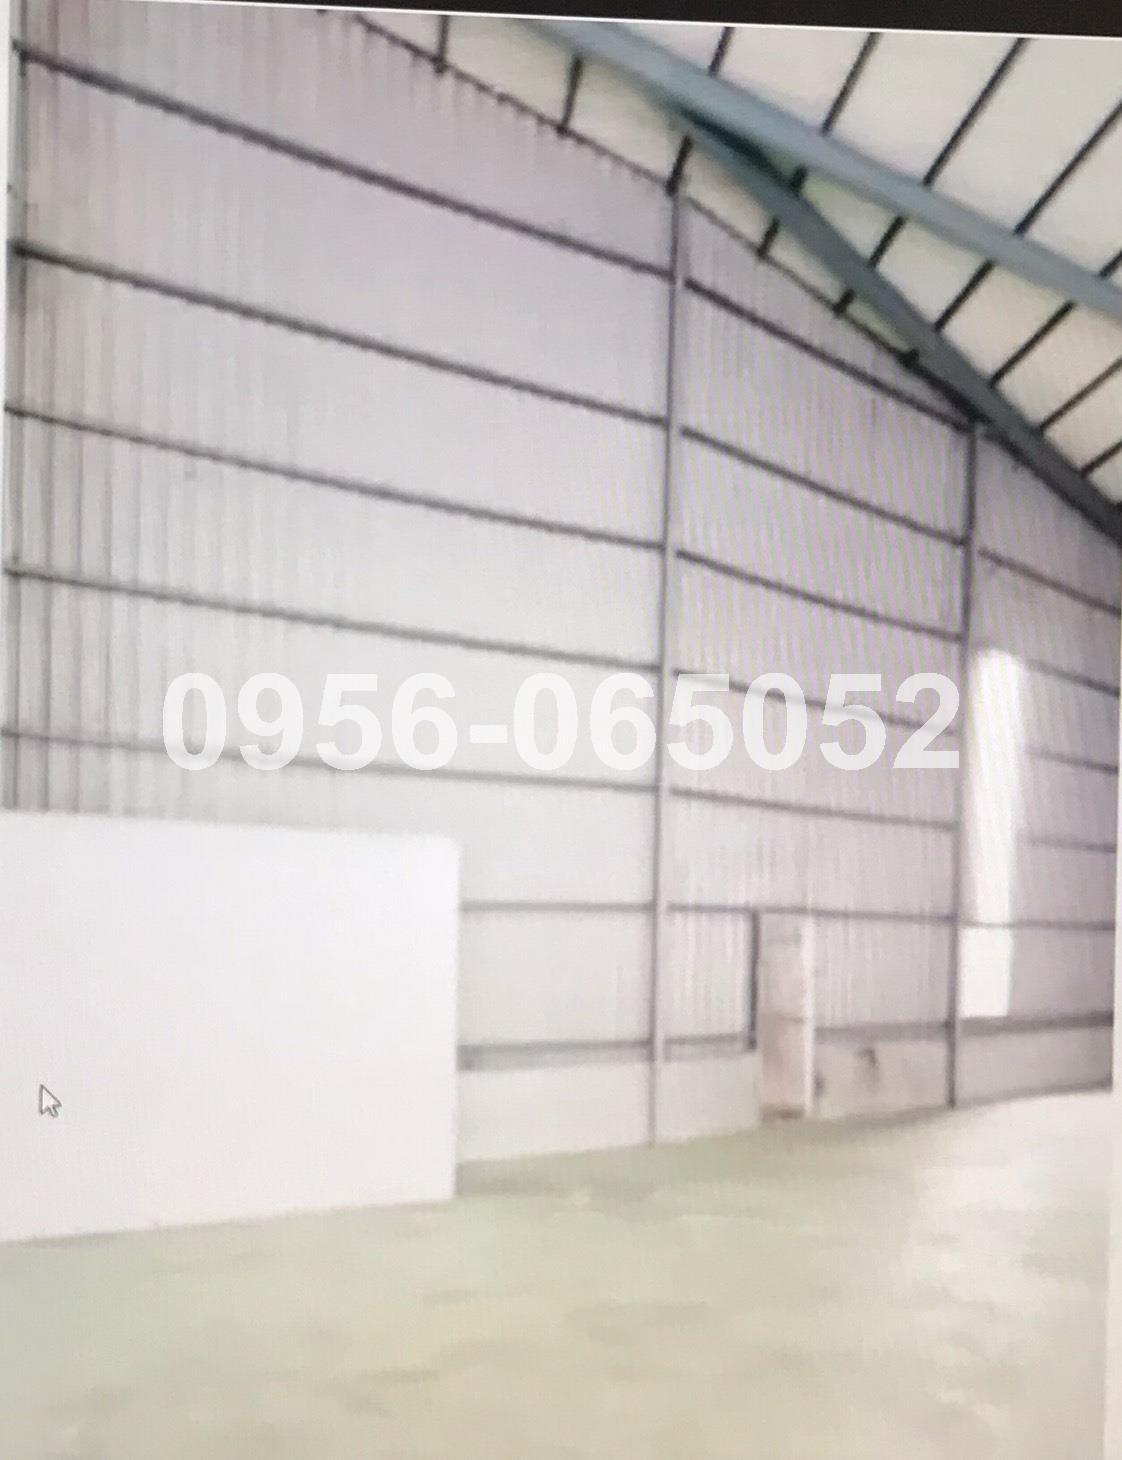 高雄廠房出租-仁武近交流道100坪辦公室廠房出租